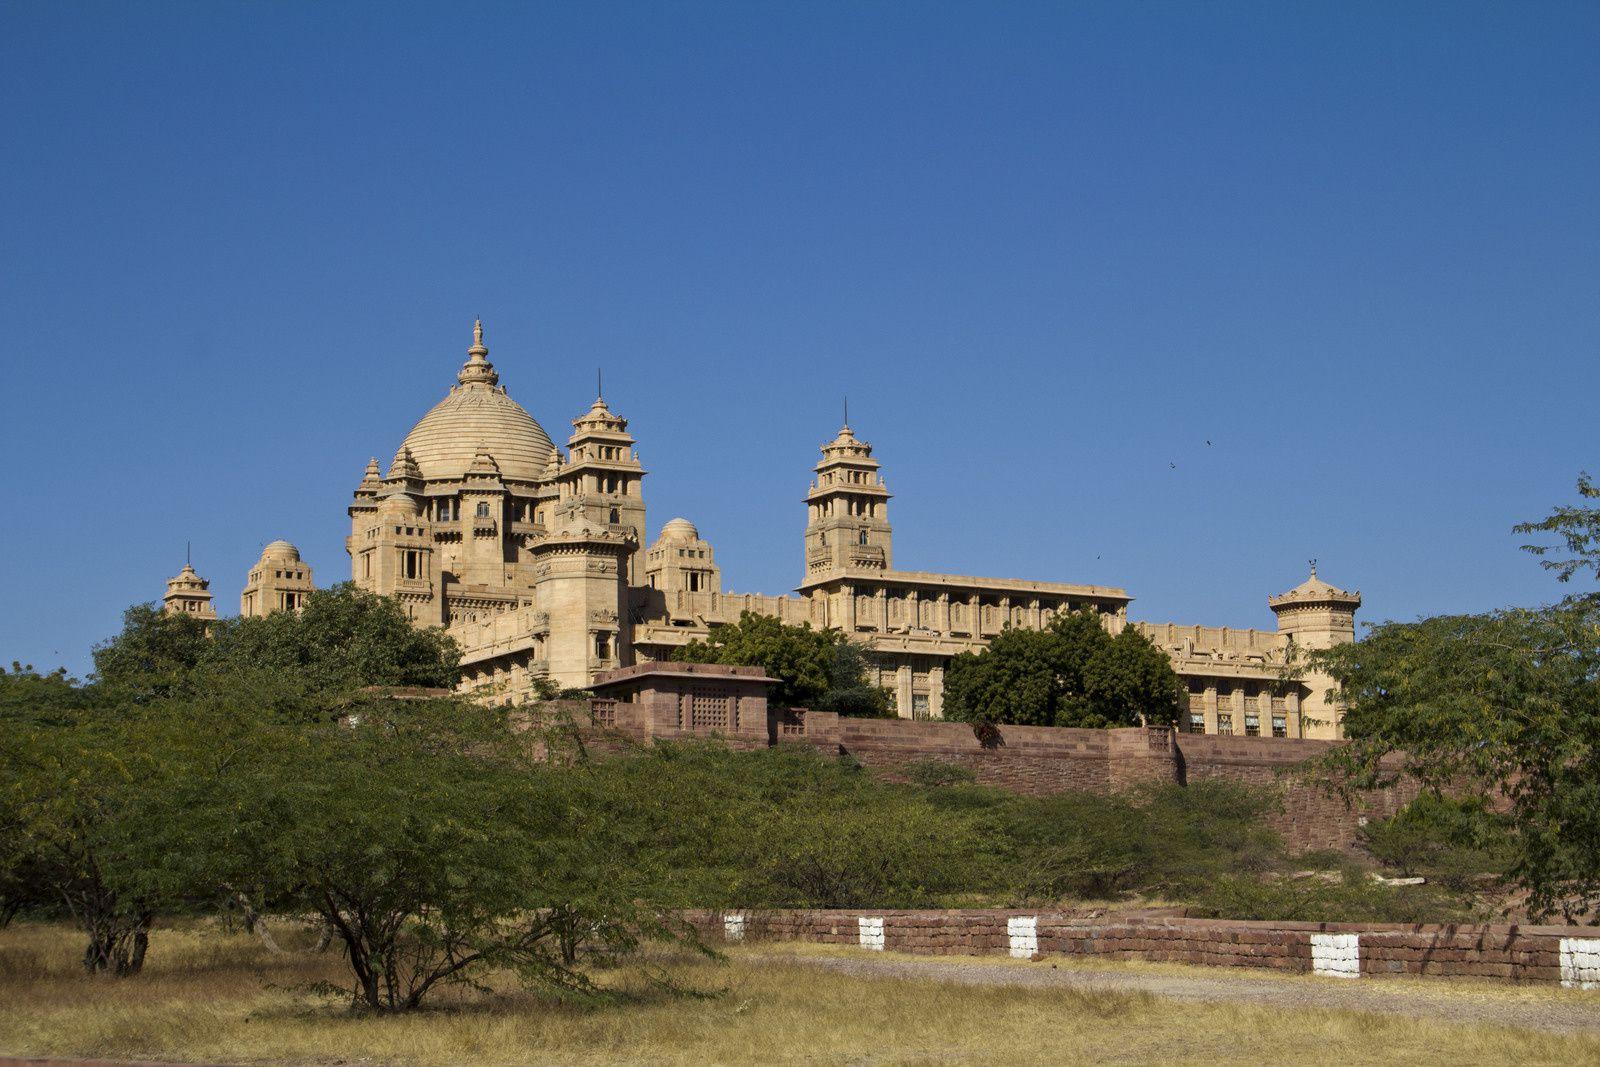 Vues du Umaid Bhawan - Palais du maharaja